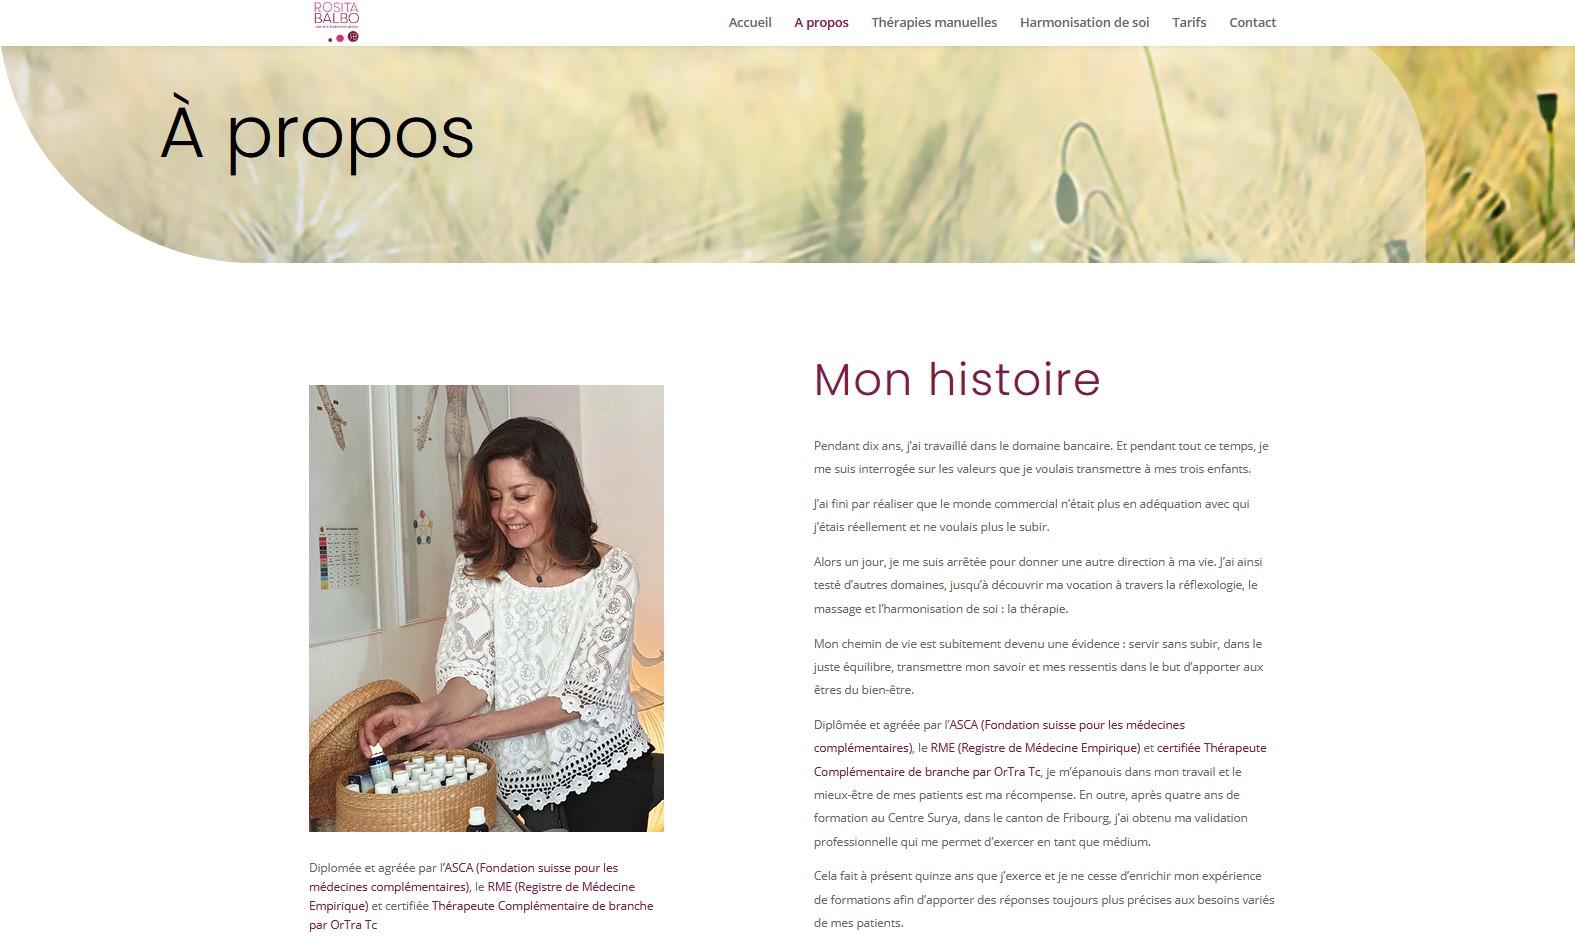 Santé - Rosita Balbo - Site internet - Page Mon histoire